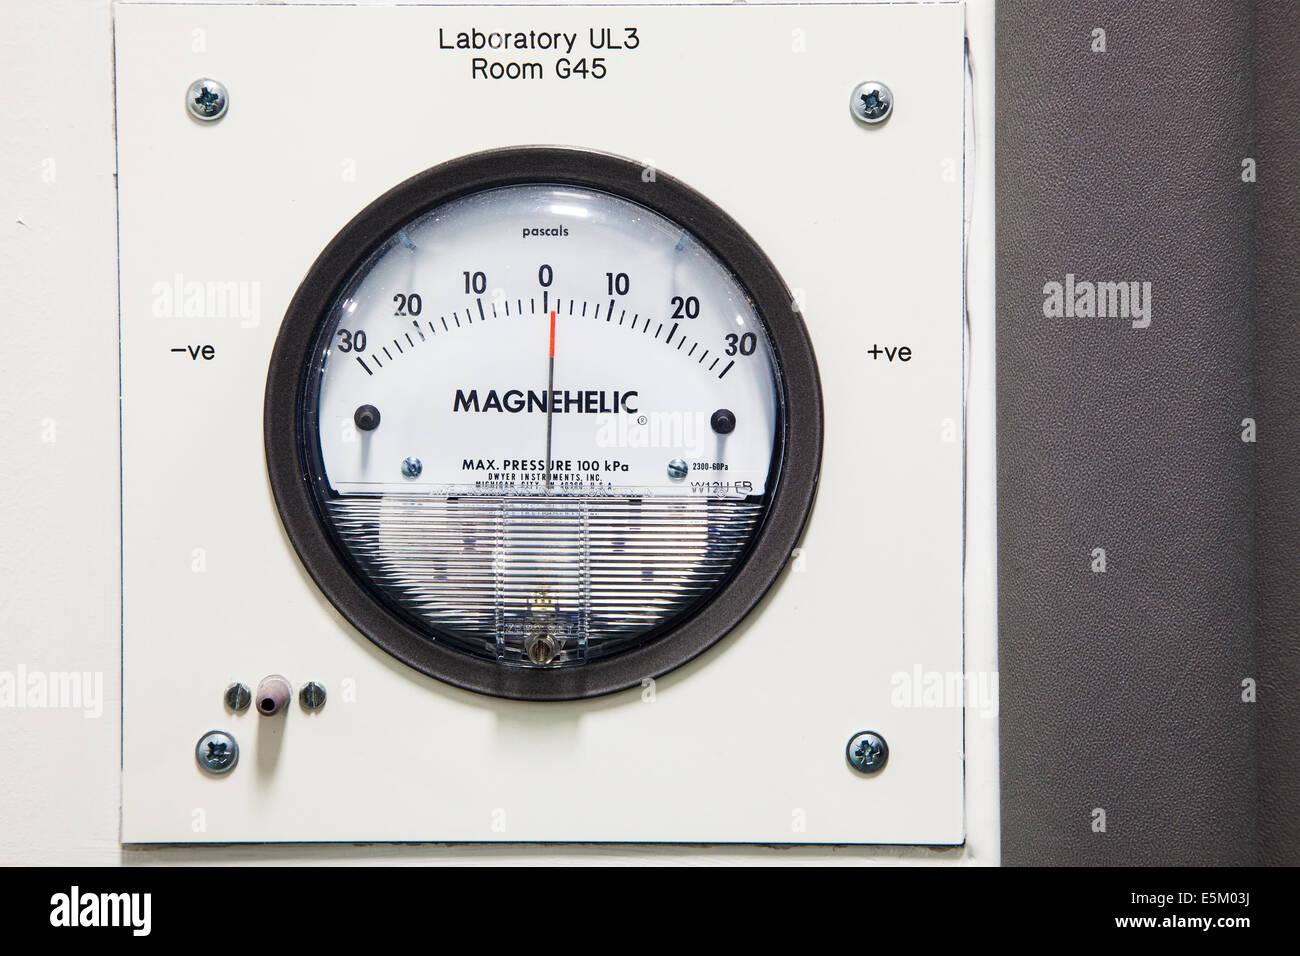 Un misuratore di pressione differenziale utilizzando Pascal unità di misura. Immagini Stock